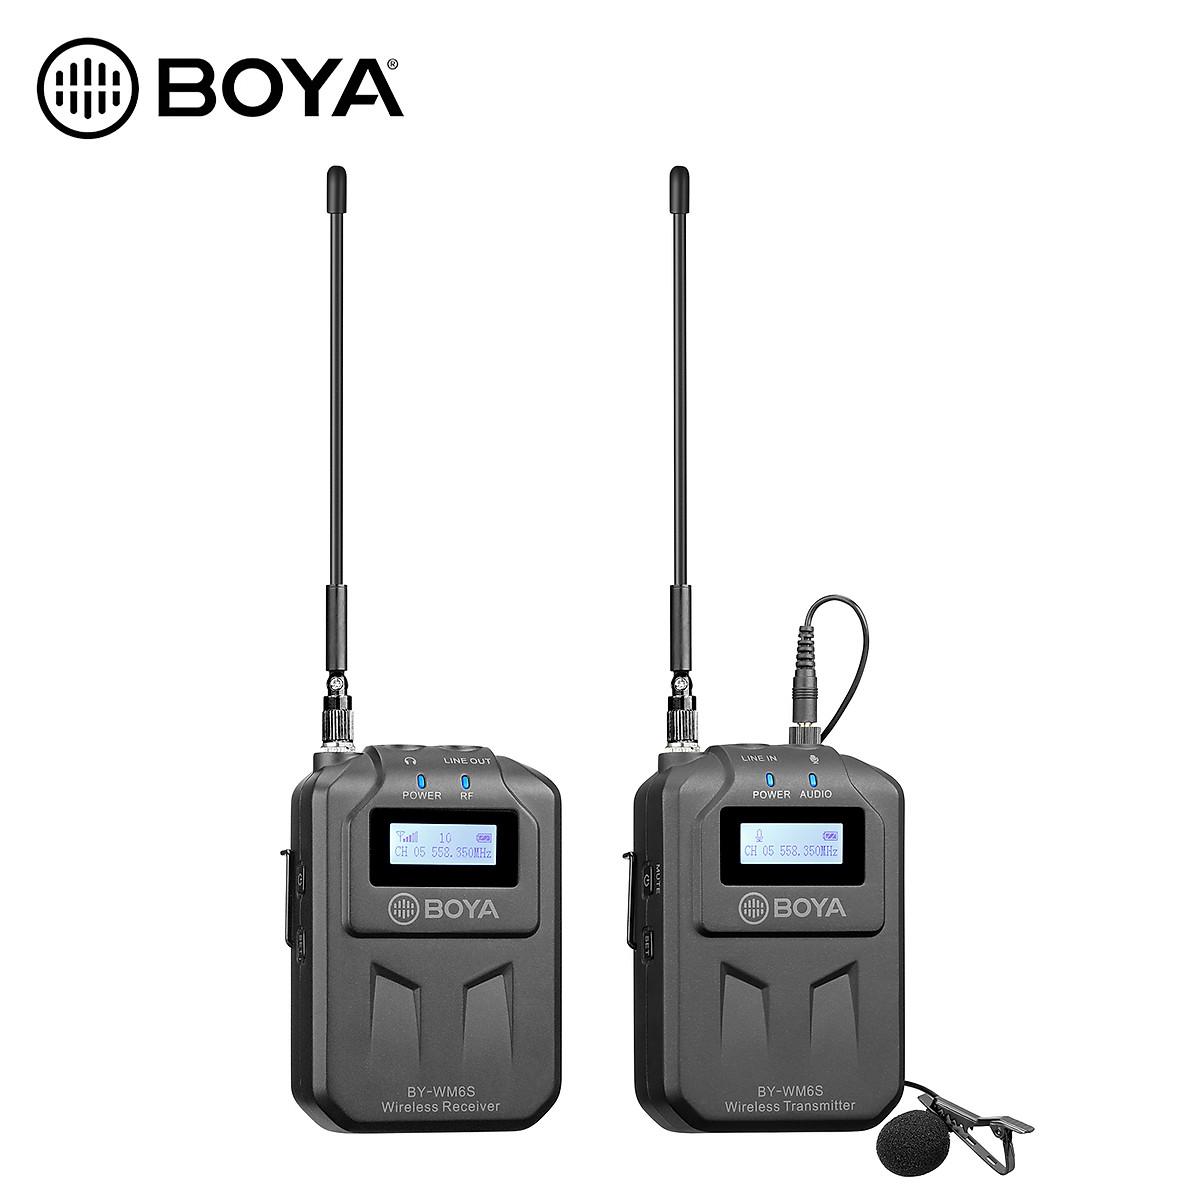 Micro Thu Âm Không Dây Boya BY-WM6S, Micro Cho Điện Thoại, Máy Ảnh, Máy Quay, 48 Kênh Sóng UHF, Phạm Vi Hoạt Động 70m - Hàng chính hãng